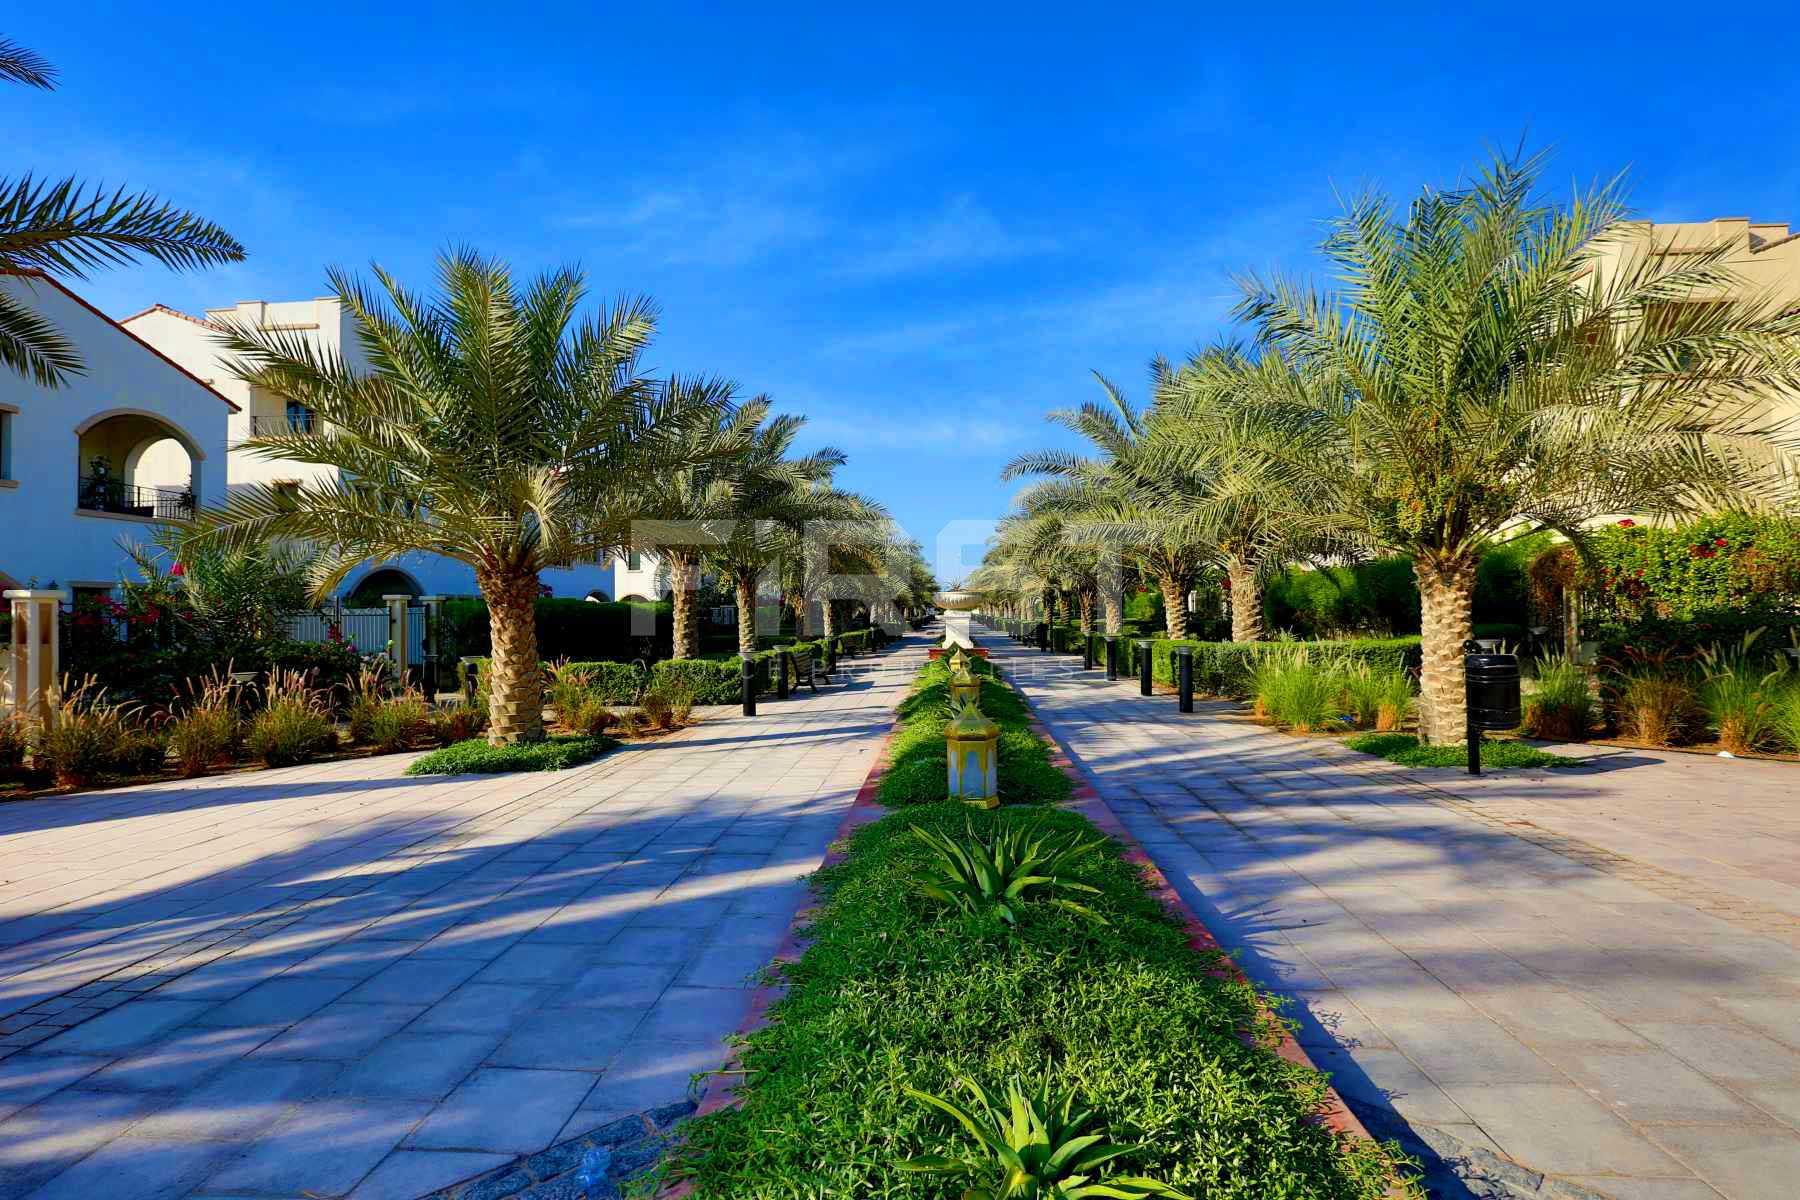 Bloom Gardebs, Al Salam Street - Abu Dhabi, UAE (10).jpg